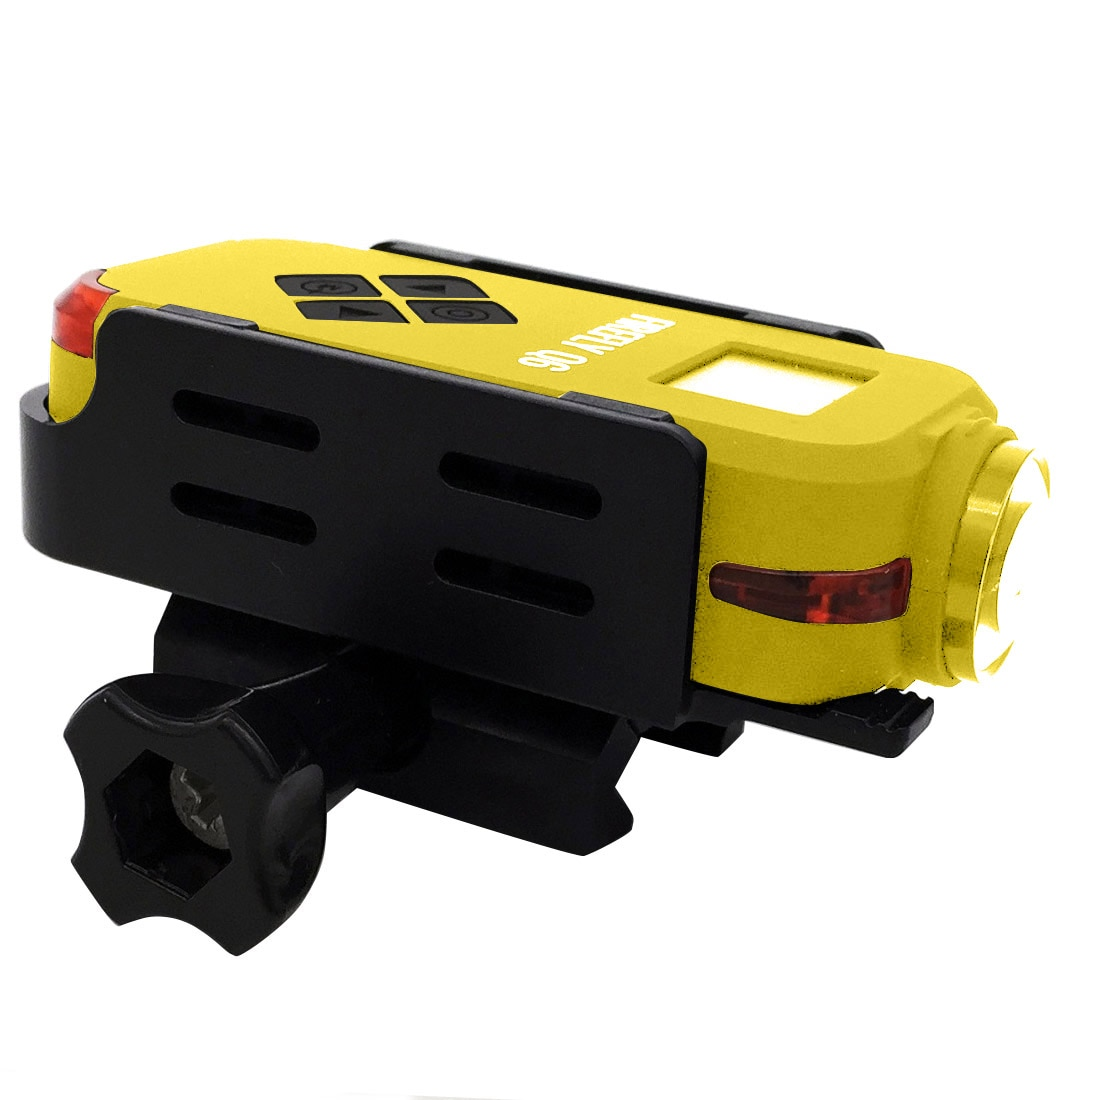 ホークアイホタルQ6 エアガン 1080 1080p/4 18k hd多機能スポーツカメラアクションカムfpvレースドローンquadcopter